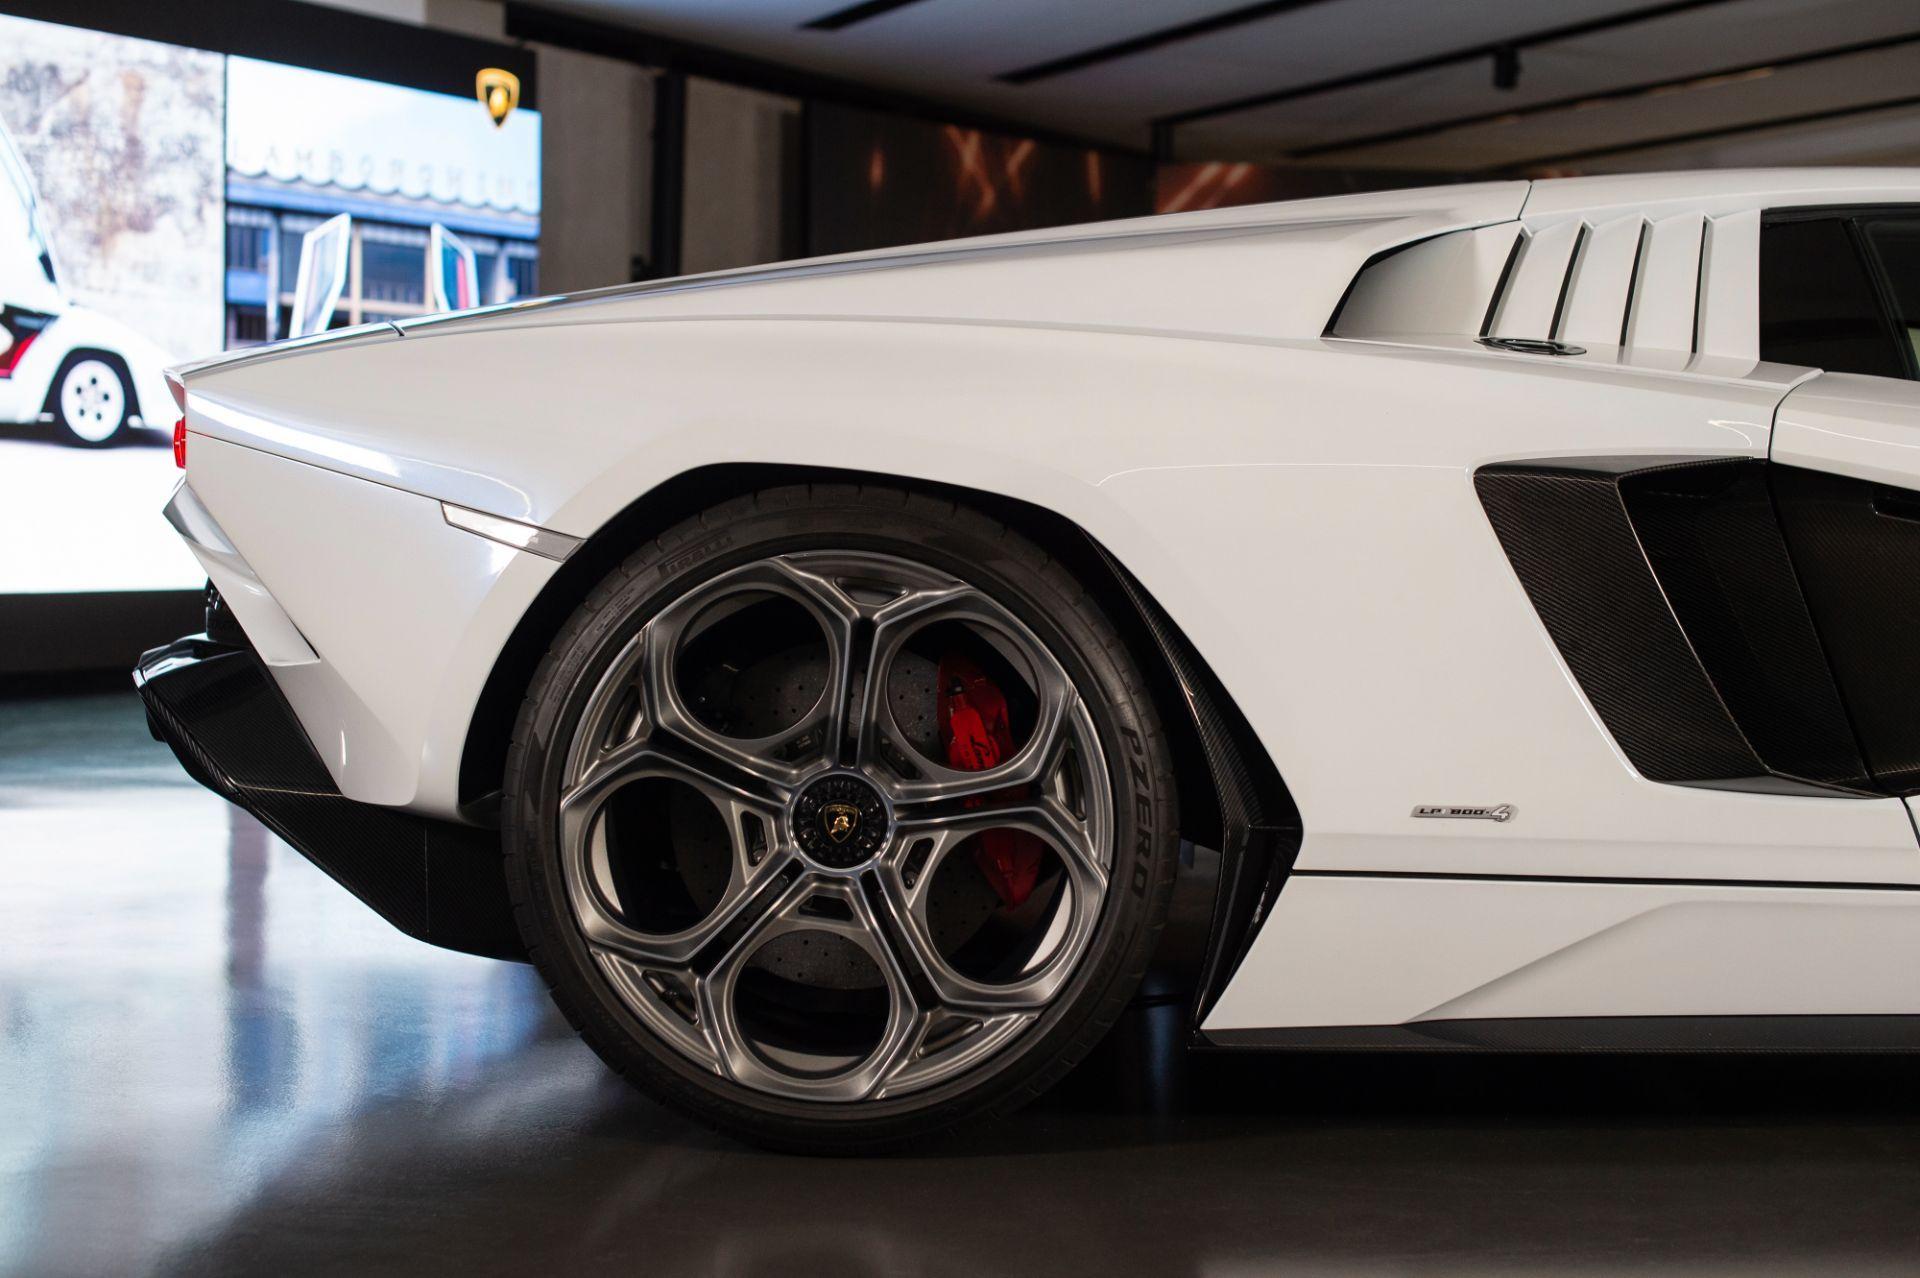 Lamborghini-Countach-LPI-800-4-9